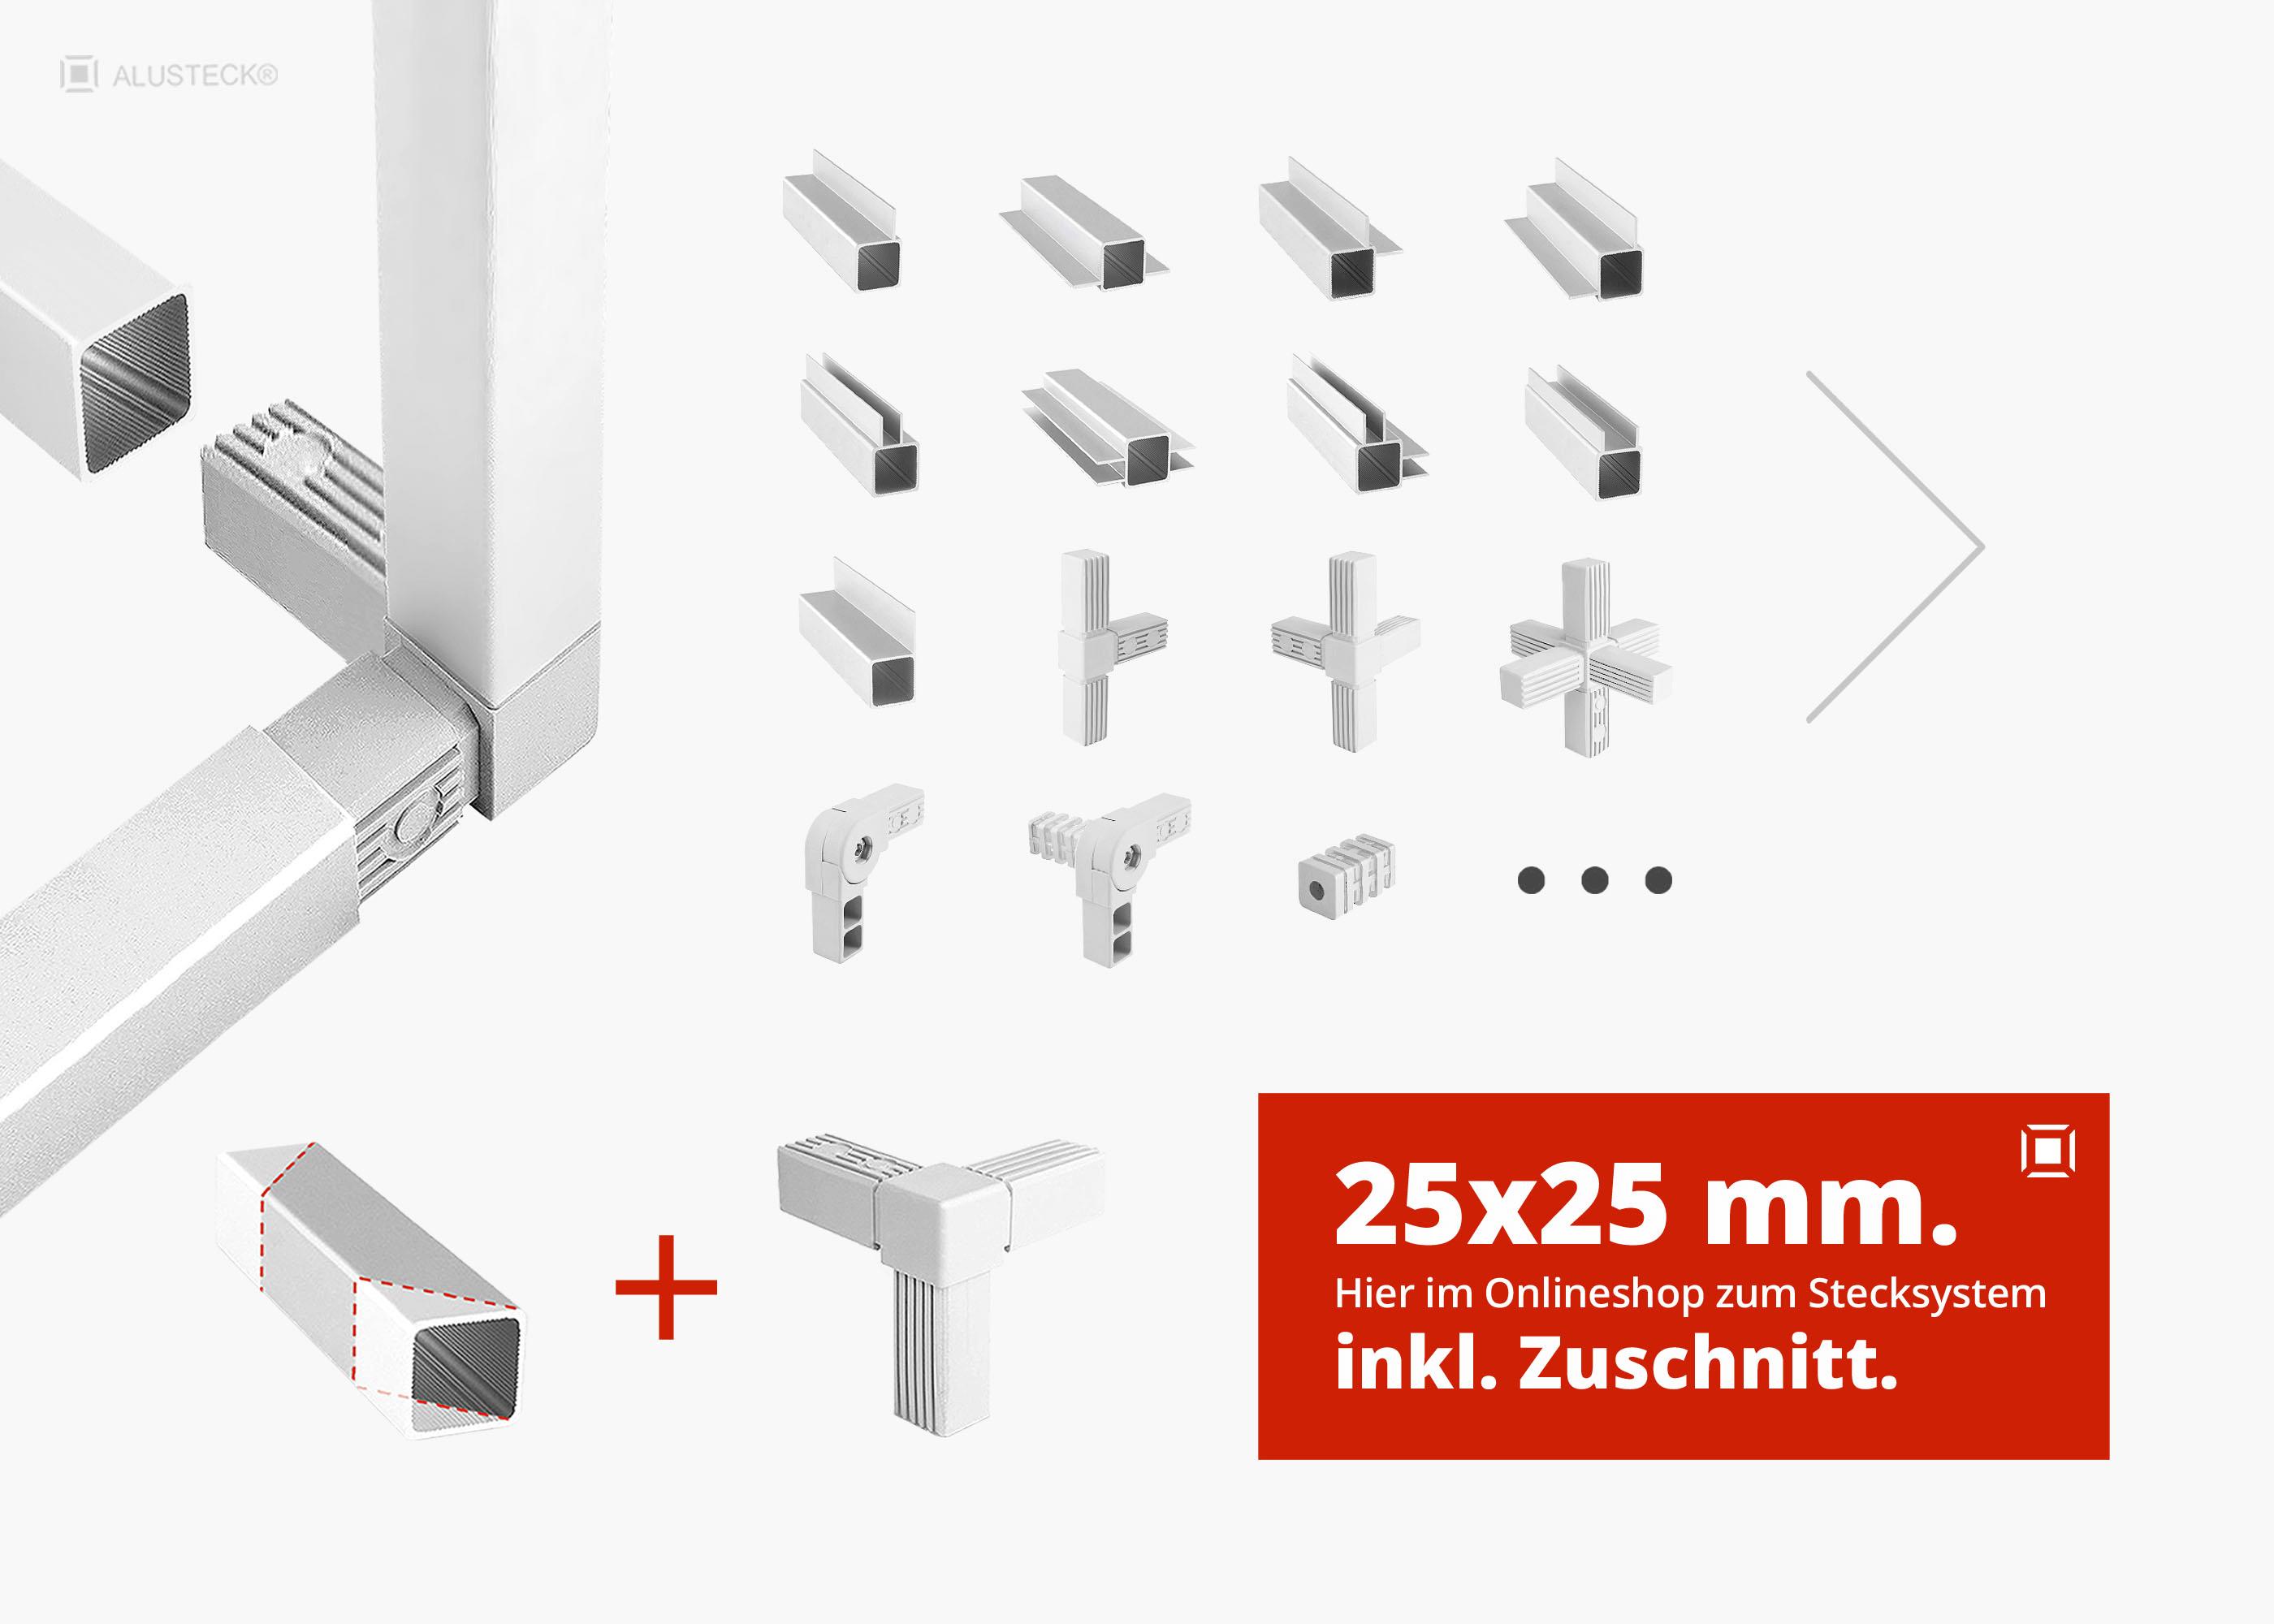 Kunststoff 25x25 VIERKANT ROHR T-ECKE Verbinder steck